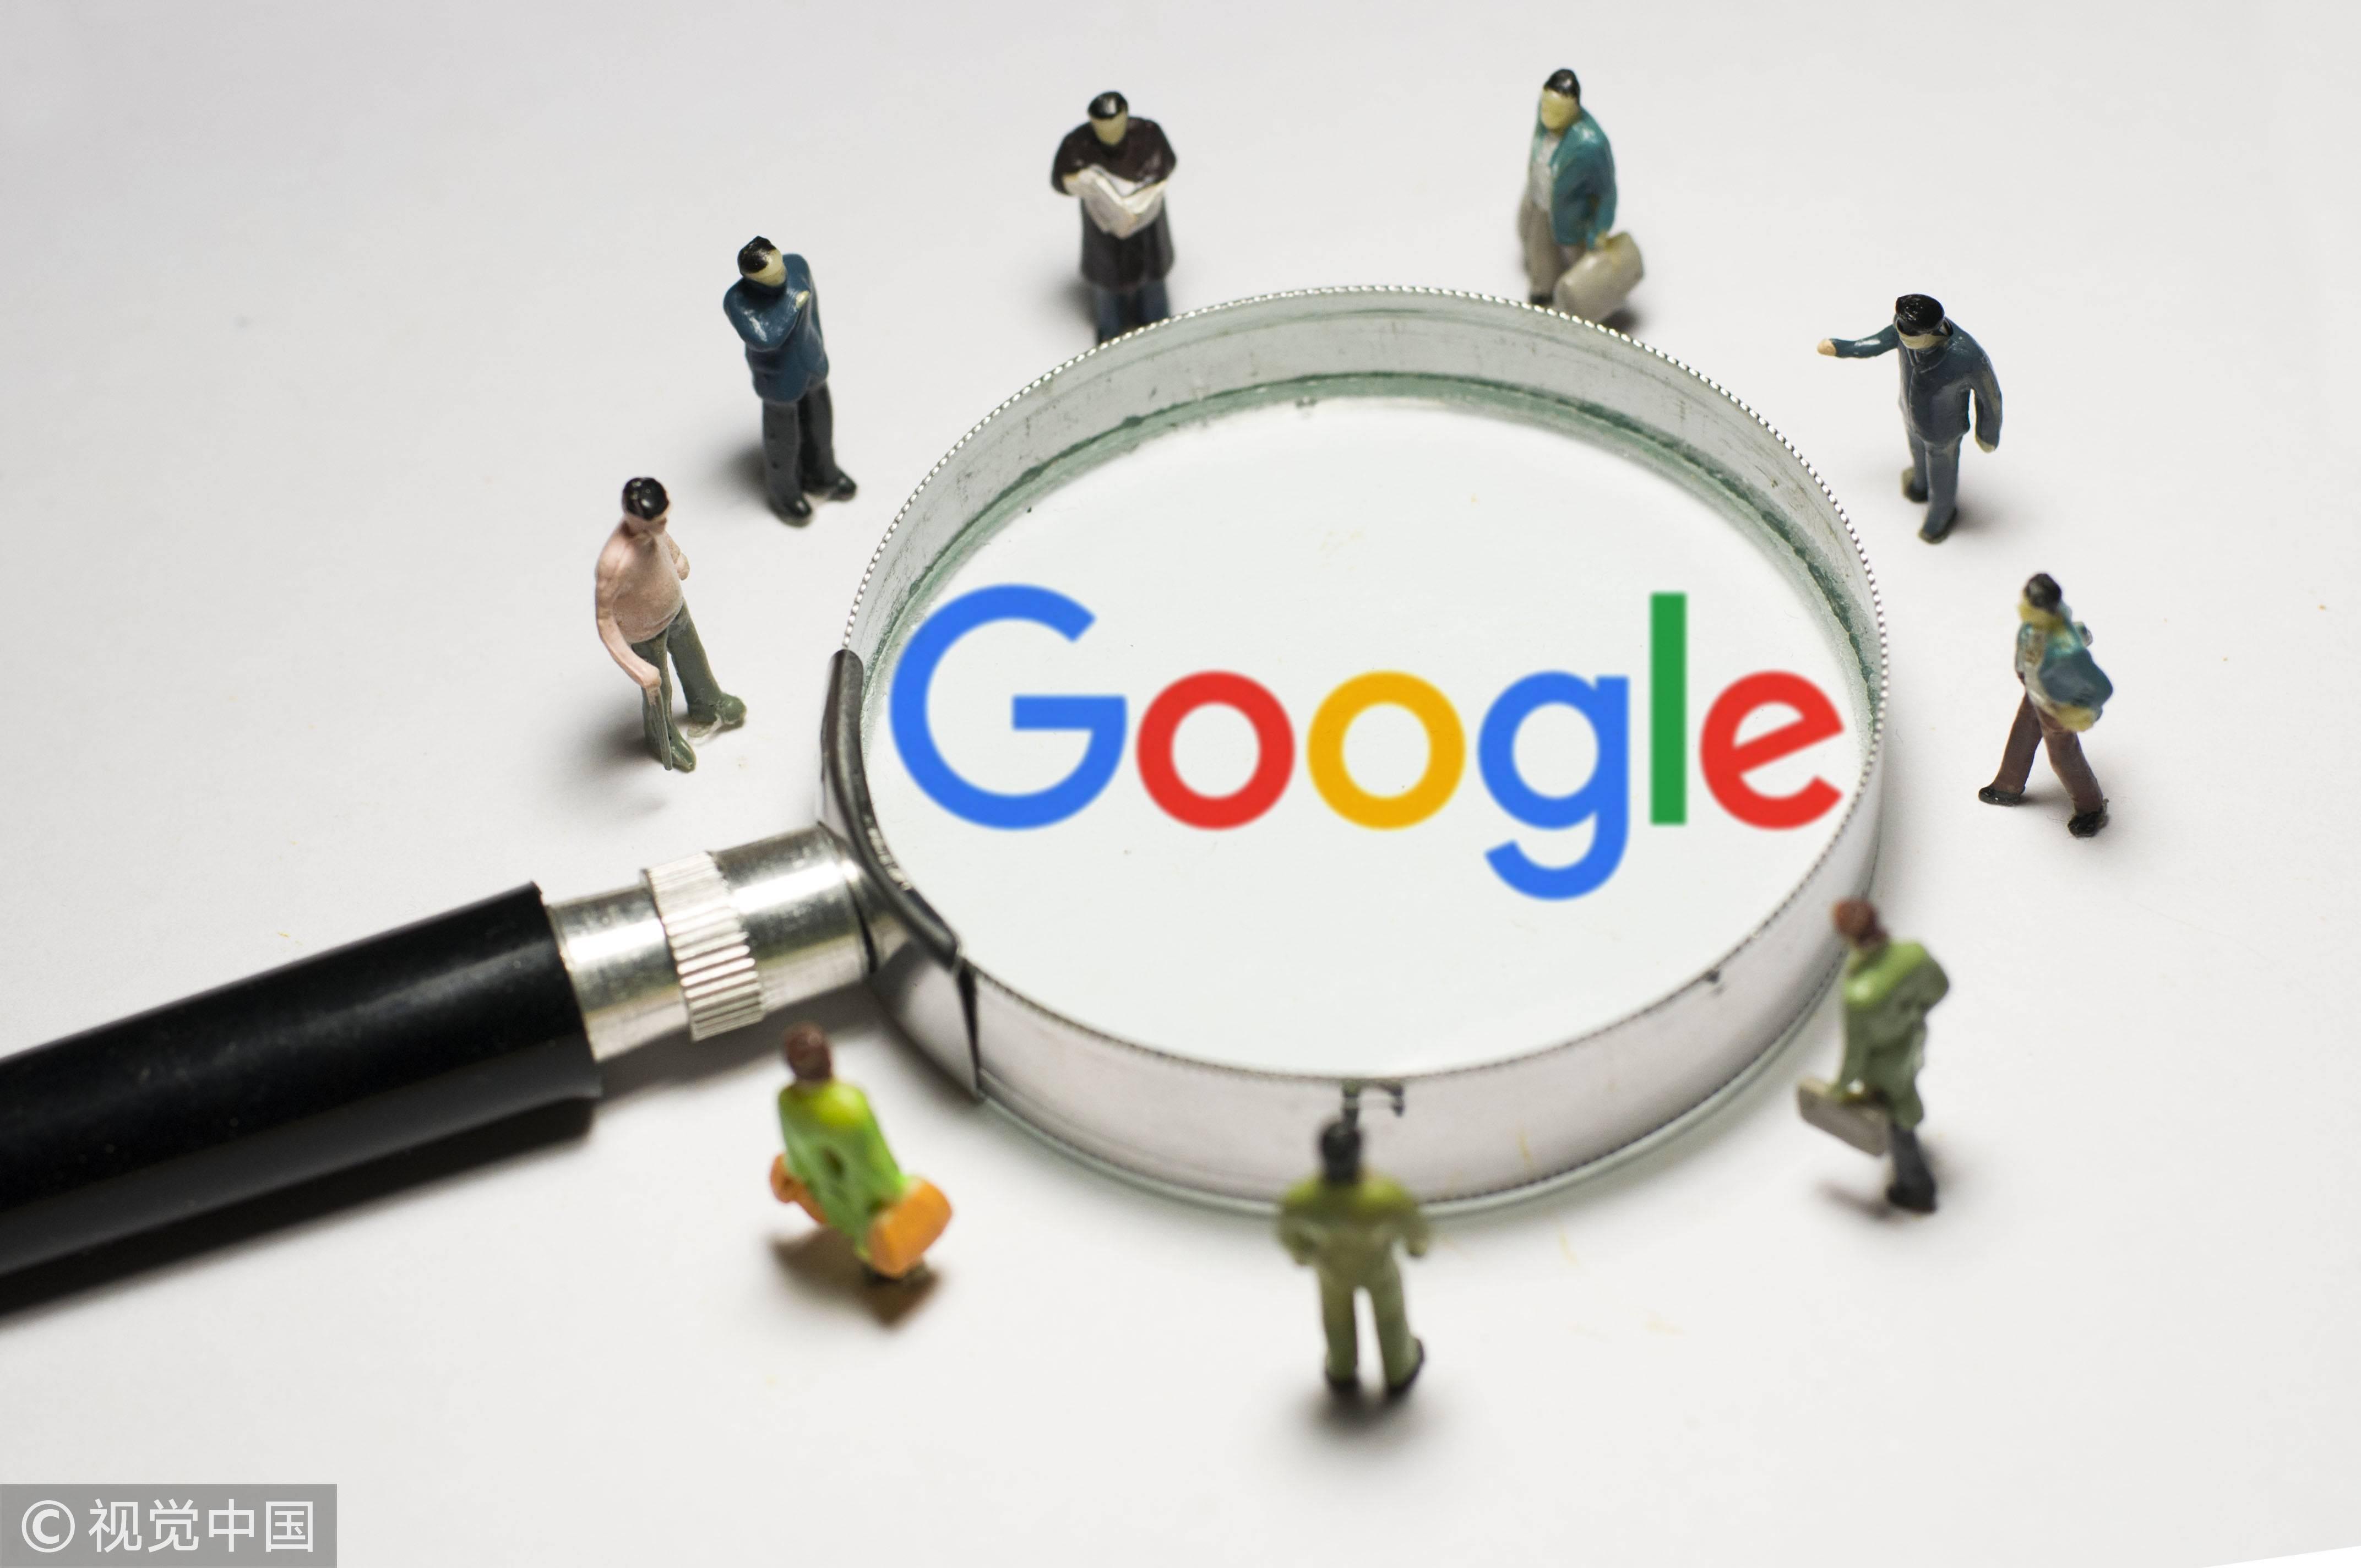 Google视频搜索结果推出 6 秒预览的功能,...